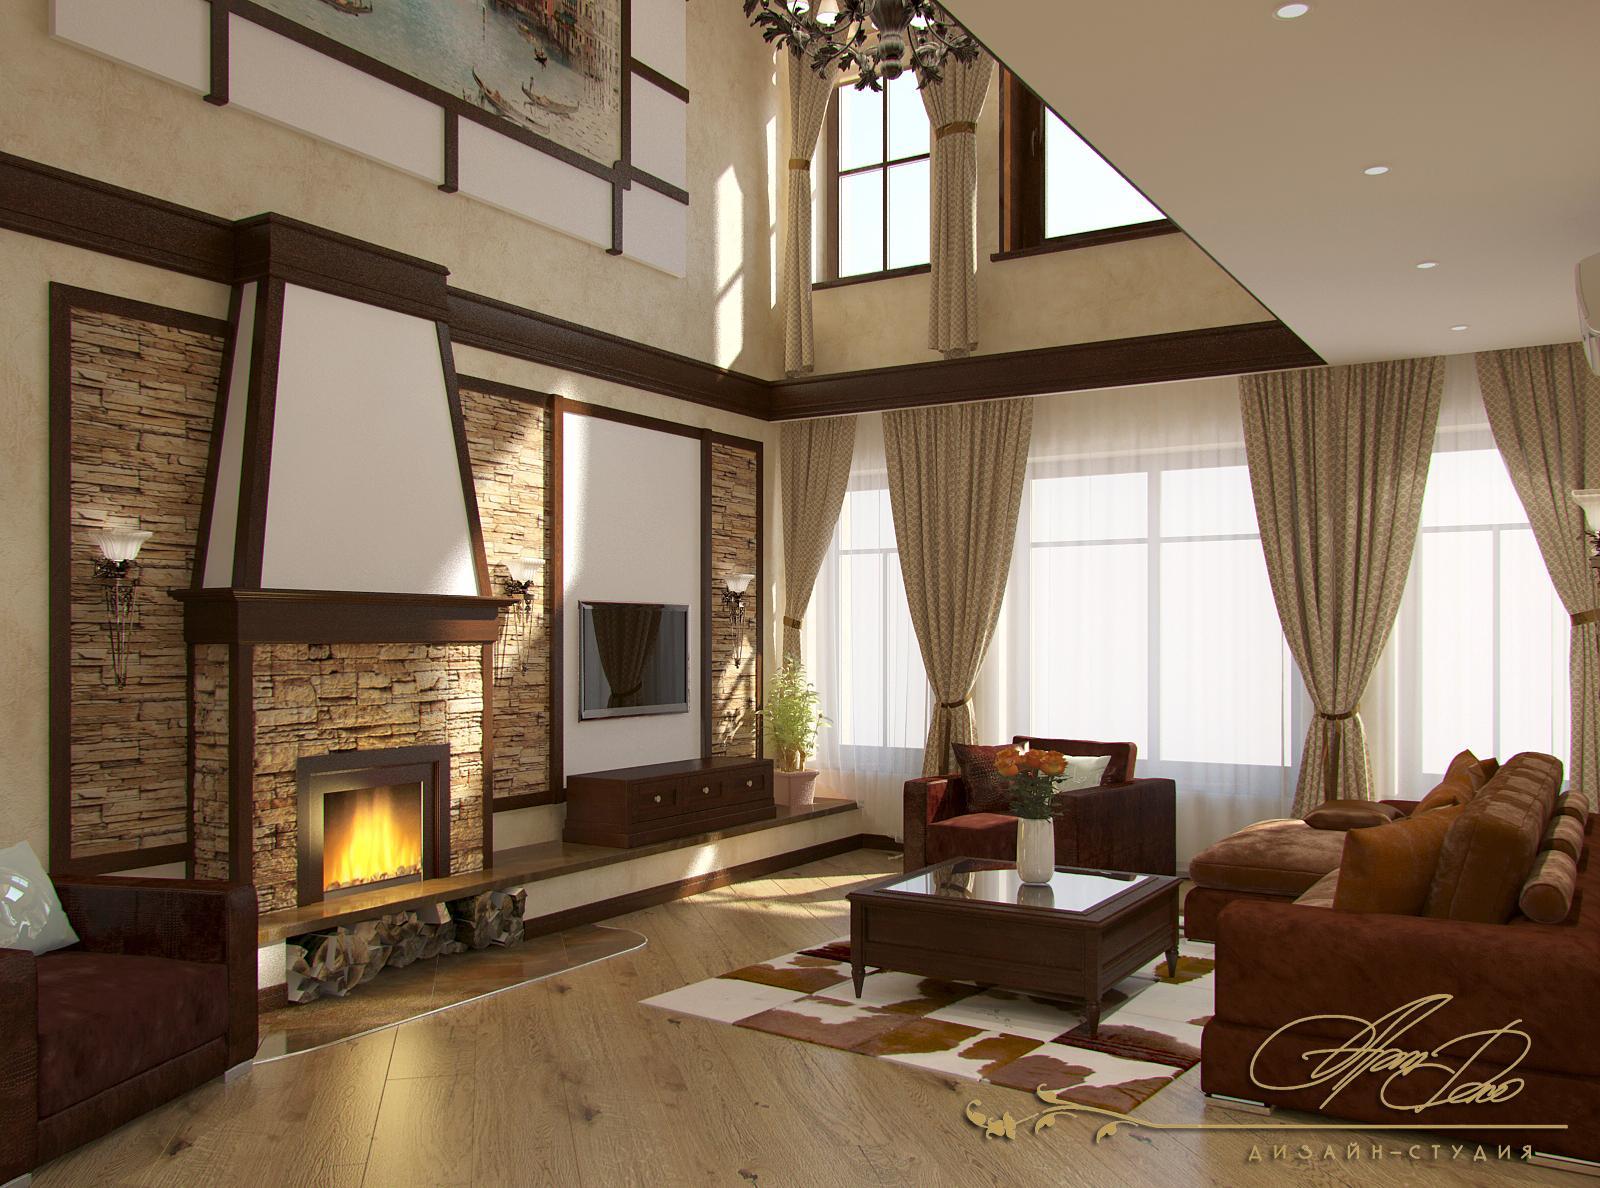 Дизайн интерьера и готовые интерьеры домов и квартир